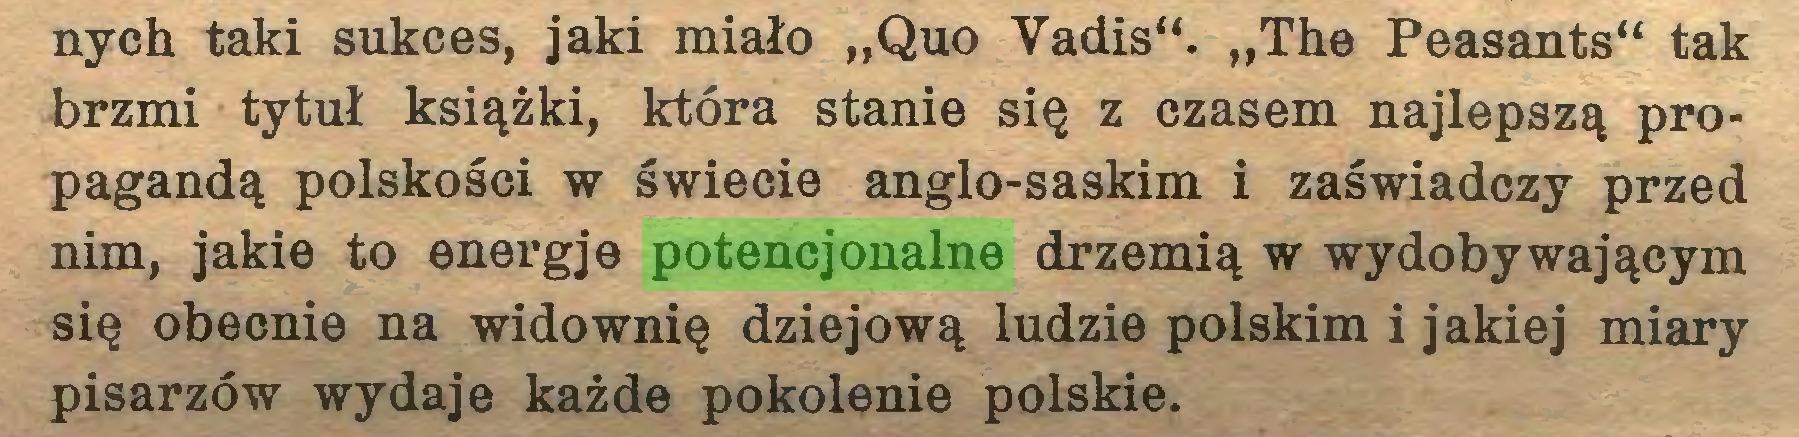 """(...) nych taki sukces, jaki miało """"Quo Vadis"""". """"The Peasants"""" tak brzmi tytuł książki, która stanie się z czasem najlepszą propagandą polskości w świecie anglo-saskim i zaświadczy przed nim, jakie to energje potencjonalne drzemią w wydobywającym się obecnie na widownię dziejową ludzie polskim i jakiej miary pisarzów wydaje każde pokolenie polskie..."""